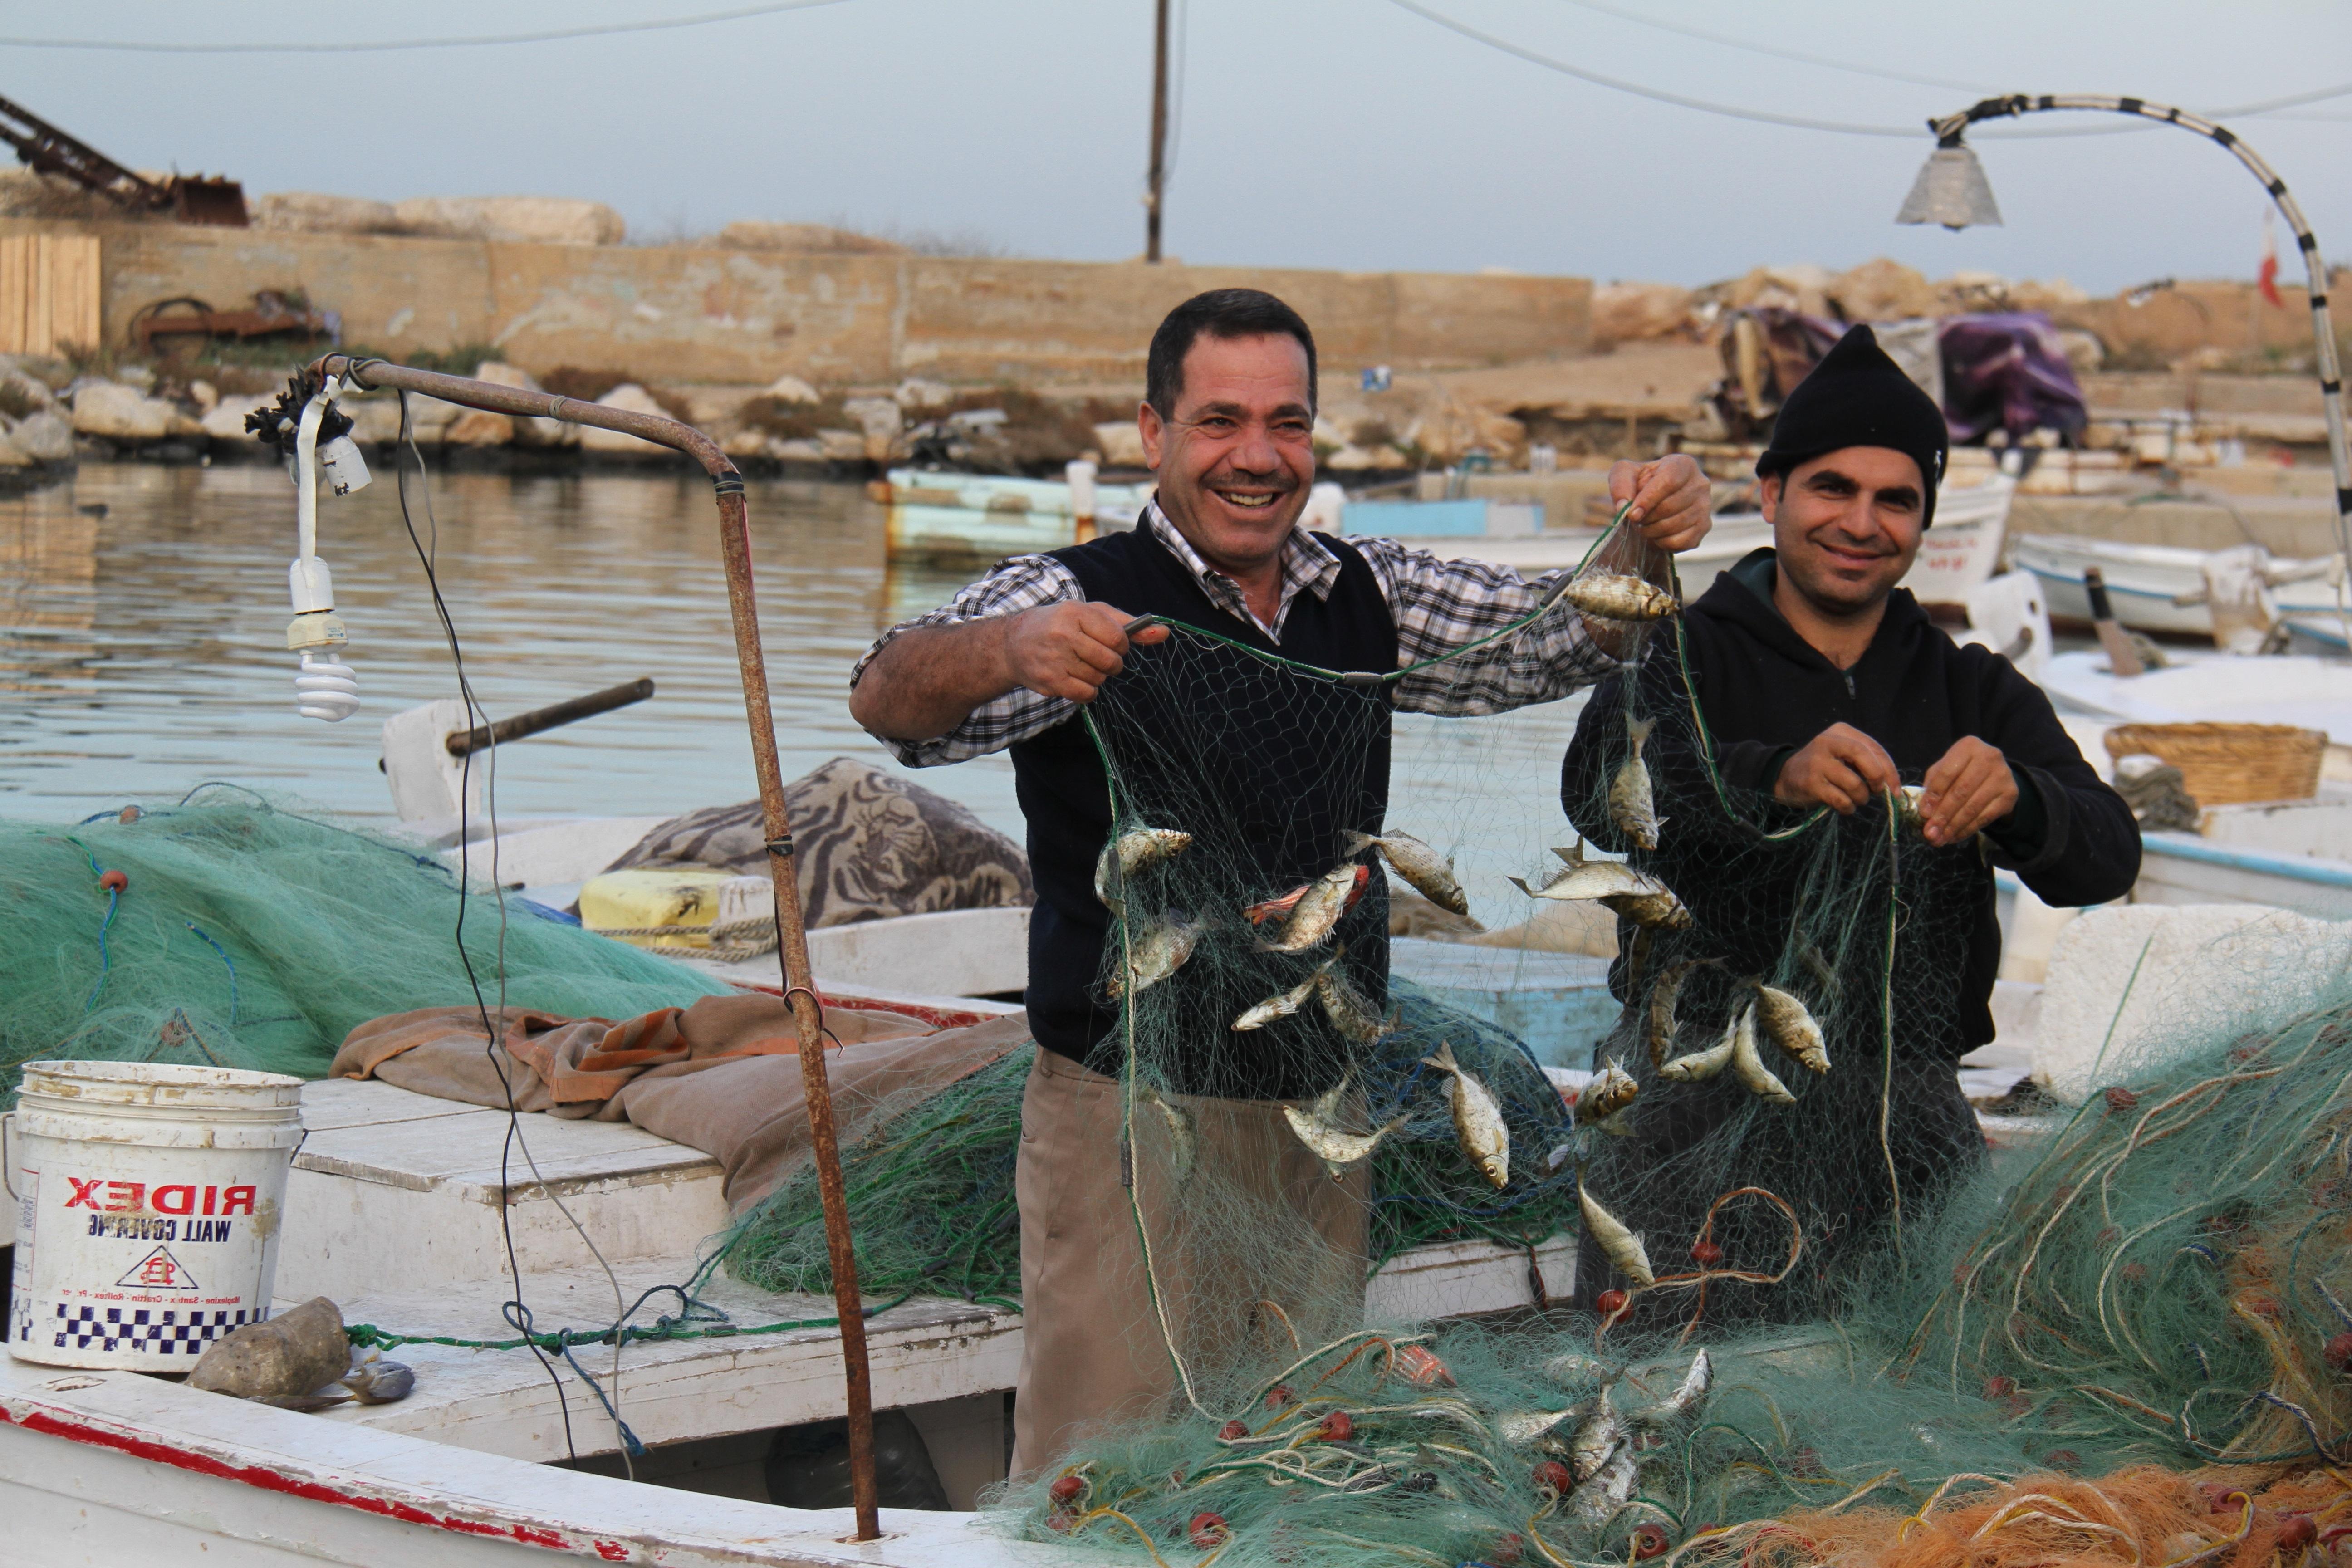 Photo © UNDP Lebanon - LHSP